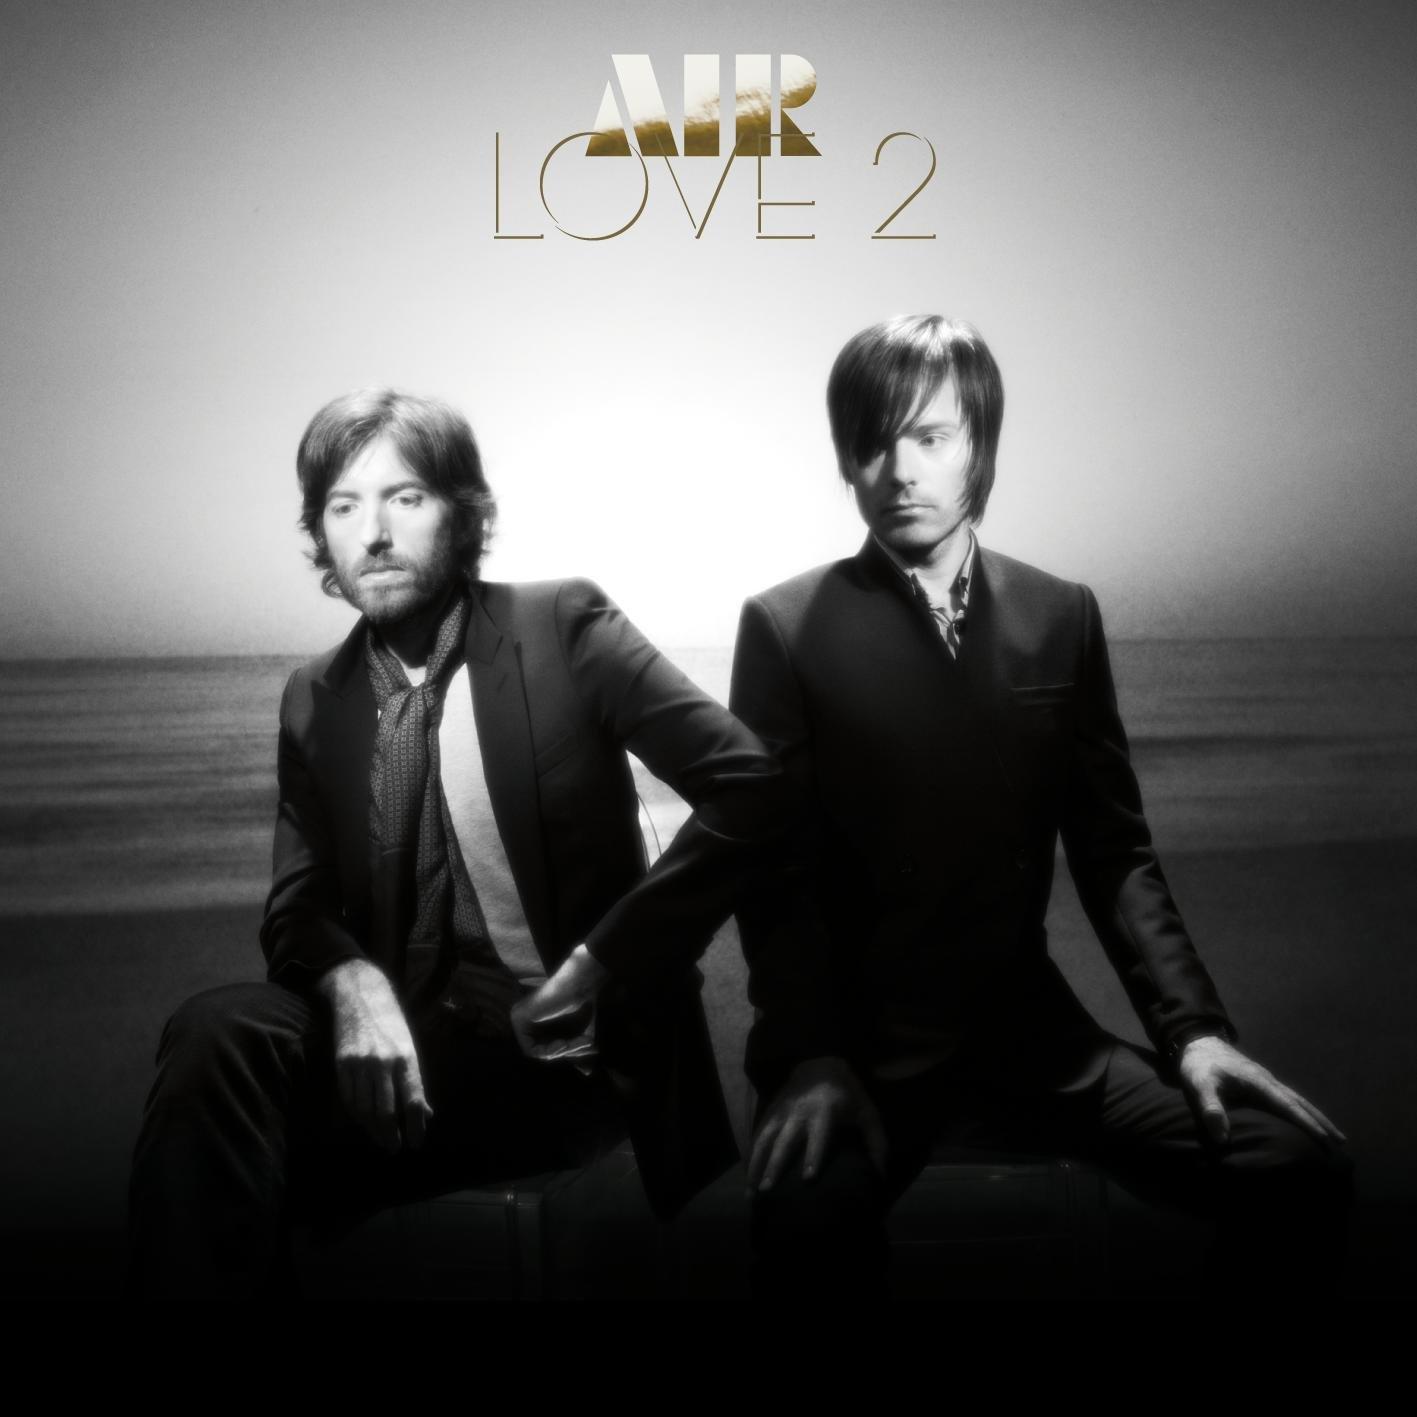 Air, Love 2